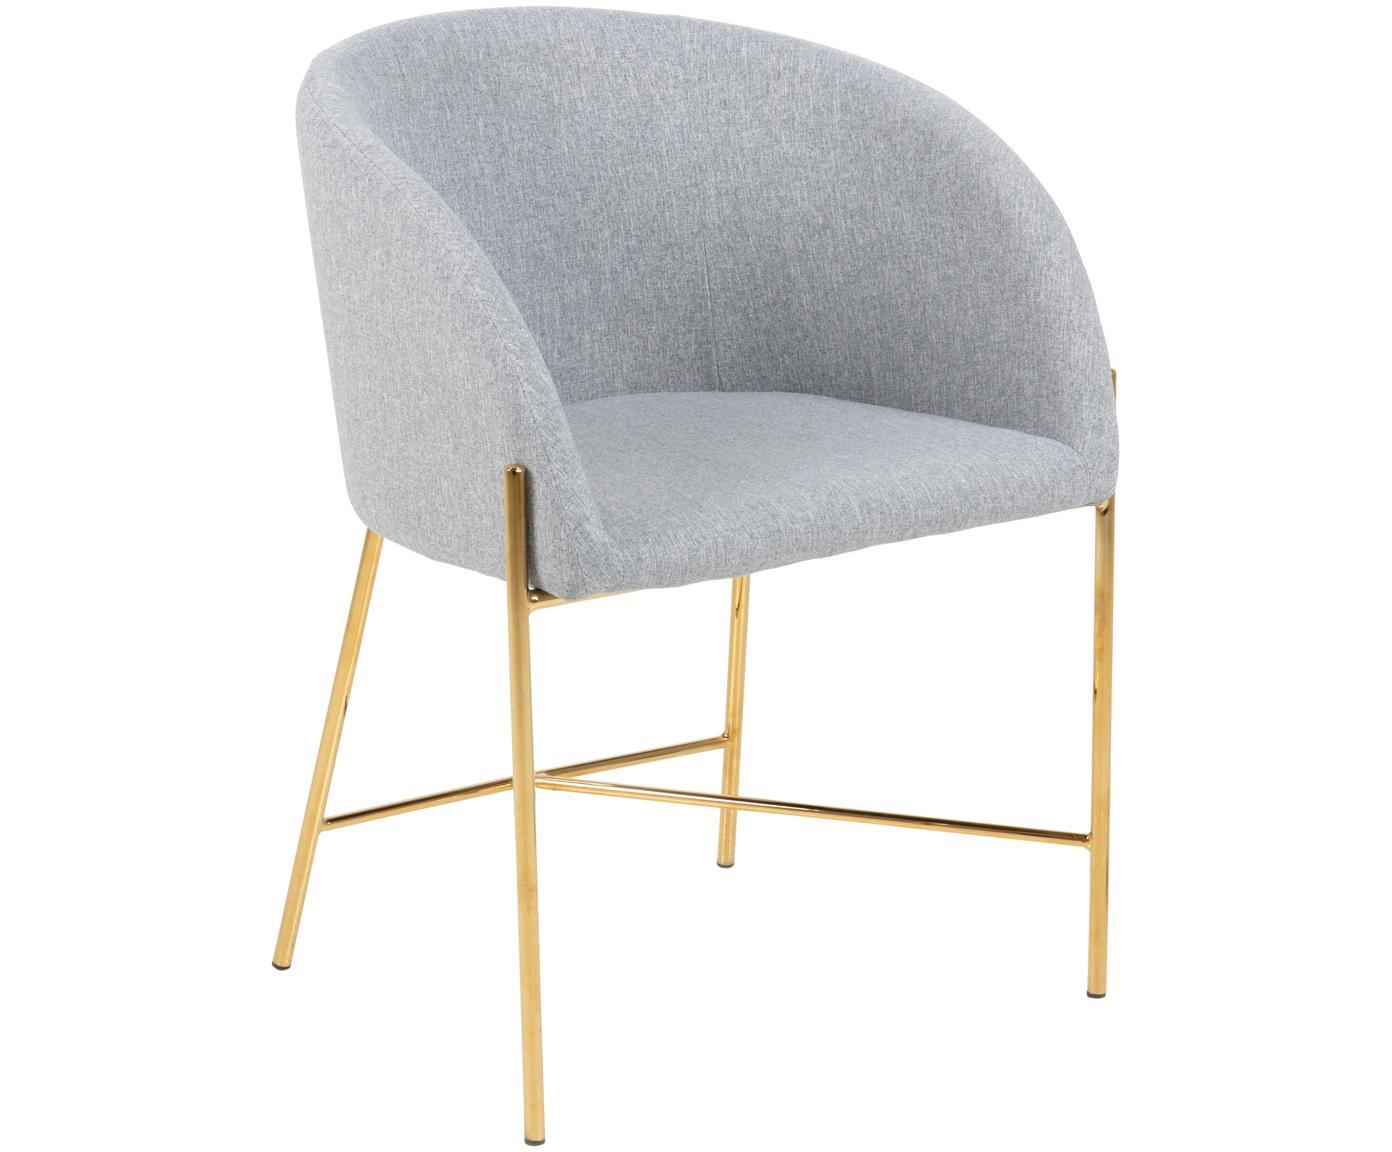 Krzesło z podłokietnikami Nelson, Tapicerka: poliester 25 000 cykli w , Nogi: metal chromowany, Jasny szary, nogi: złote, S 56 x G 54 cm